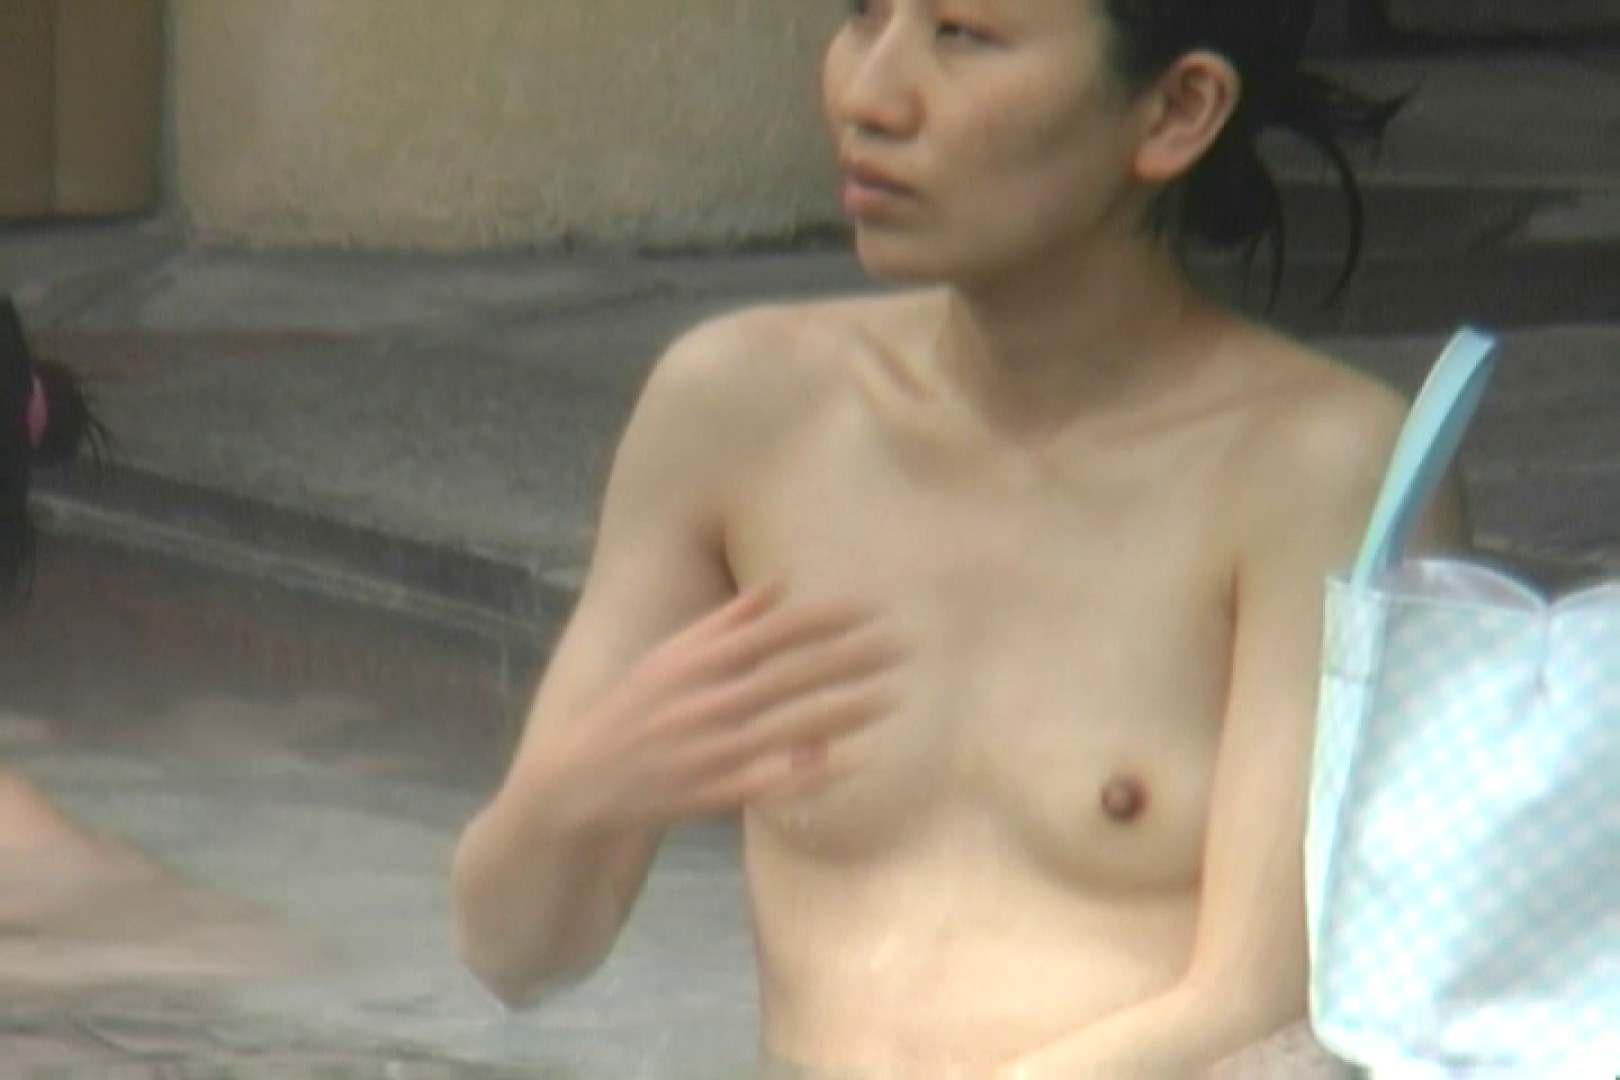 Aquaな露天風呂Vol.769 美しいOLの裸体  71pic 3